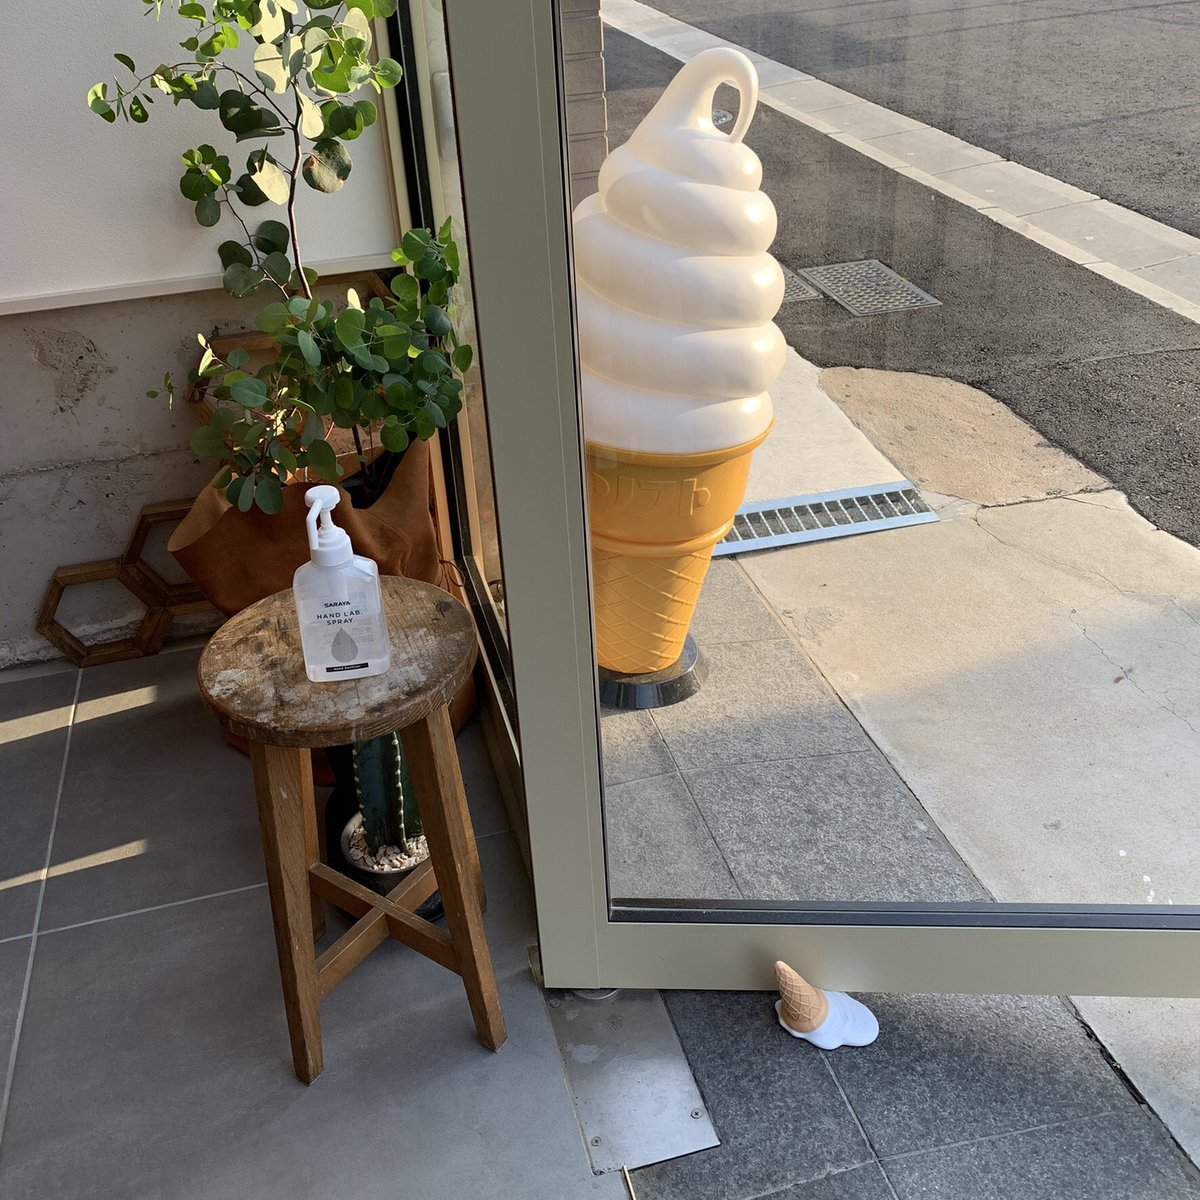 ソフトクリーム屋さんのドアストッパーが哀愁あふれてた